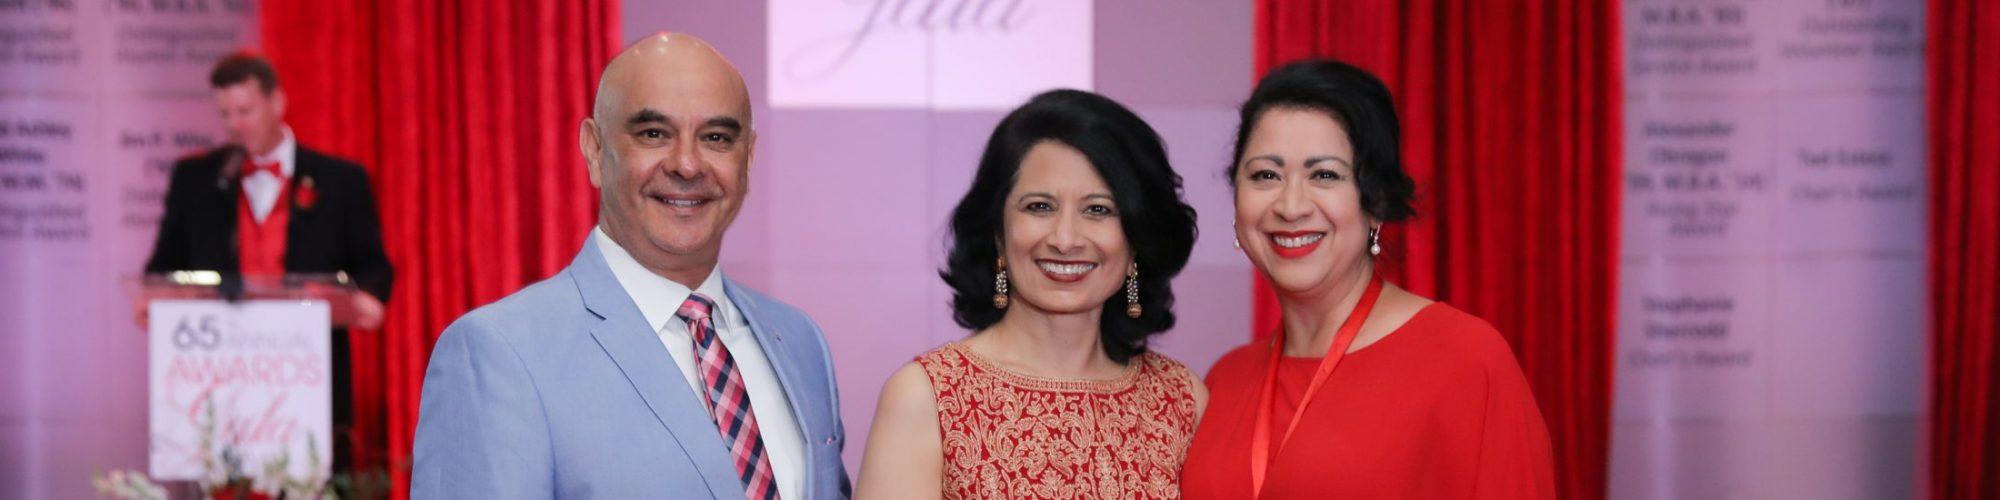 Laura Murillo-and-Rick-Noriega at the UHAA alumni gala awards